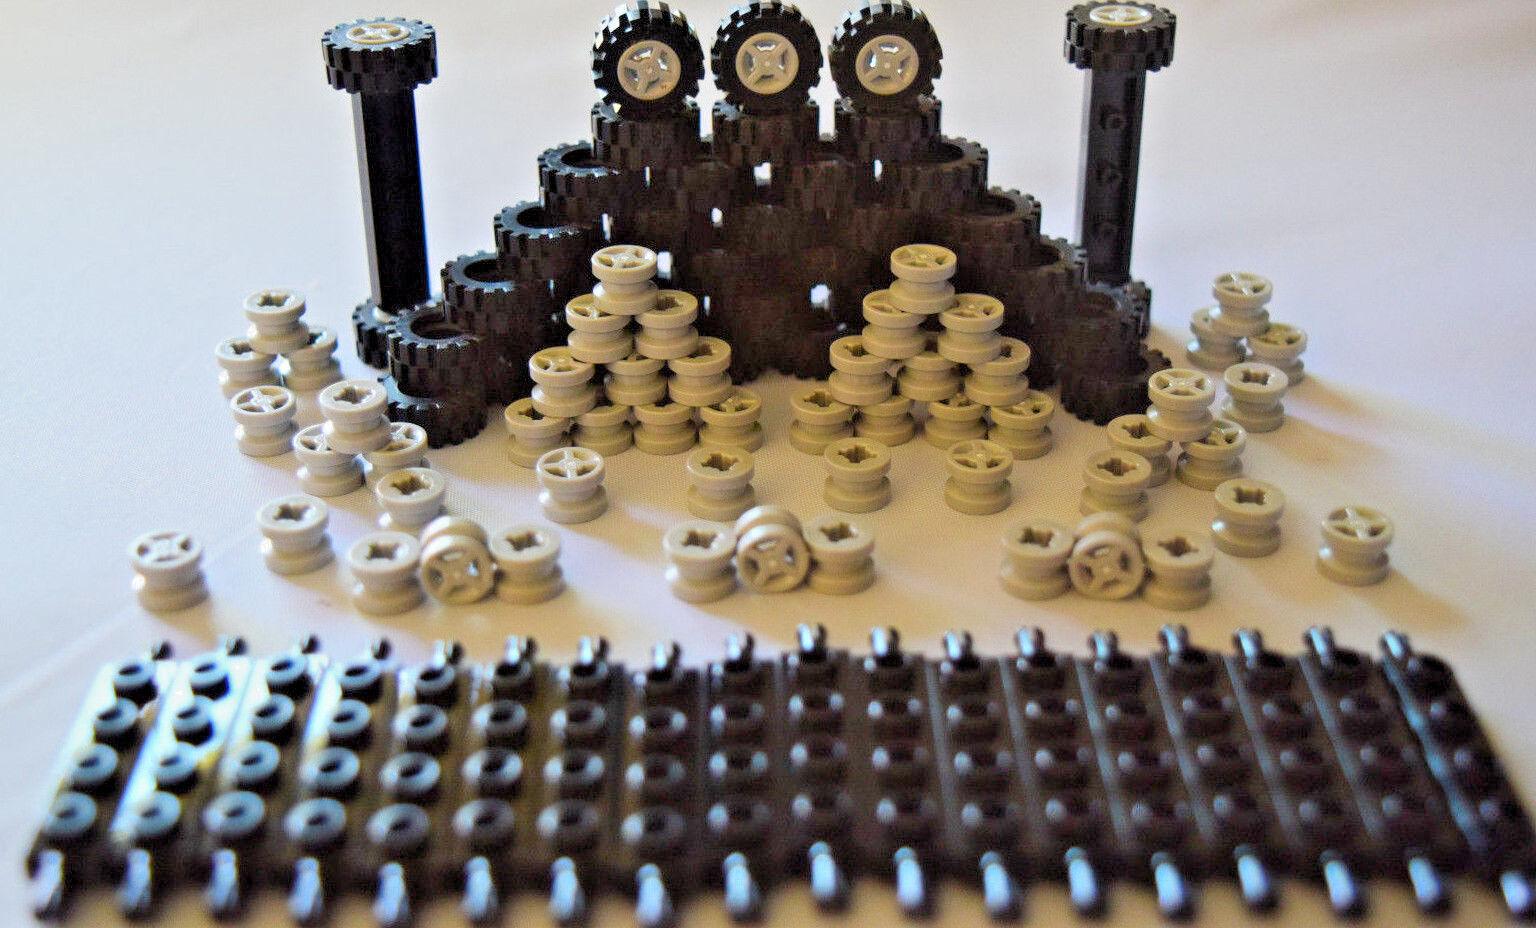 Car Parts - ☀️NEW LEGO Car Parts 100 pcs BLACK Wheels Tires Axles Grey Gray Rims Small Truck